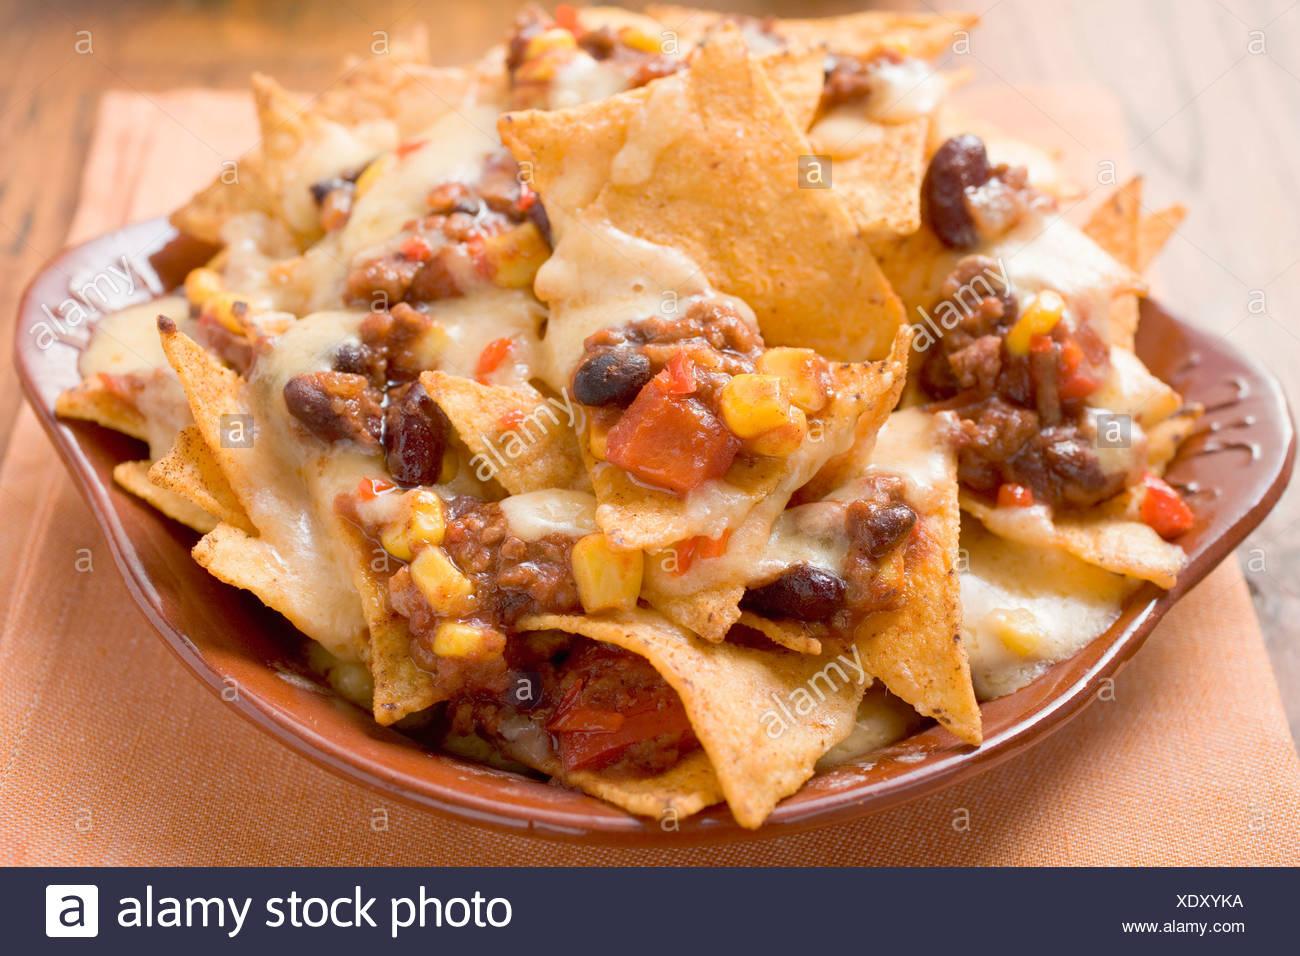 Ricetta Nachos Con Formaggio E Fagioli.Tortilla Chips Con Formaggio Fuso Fagioli E Carne Macinata Foto Stock Alamy